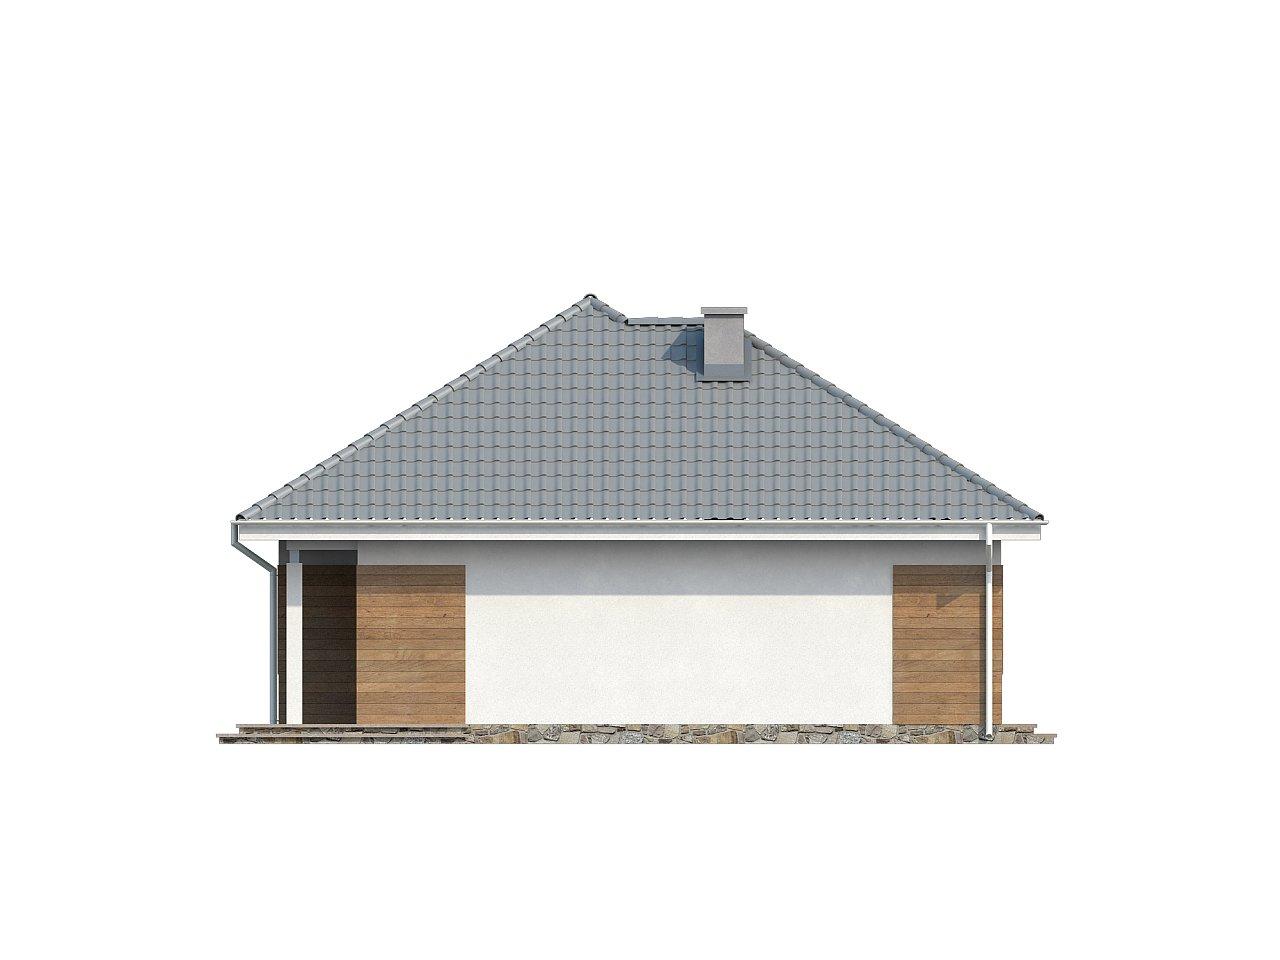 Проект одноэтажного практичного и уютного дома с крытой террасой. 24